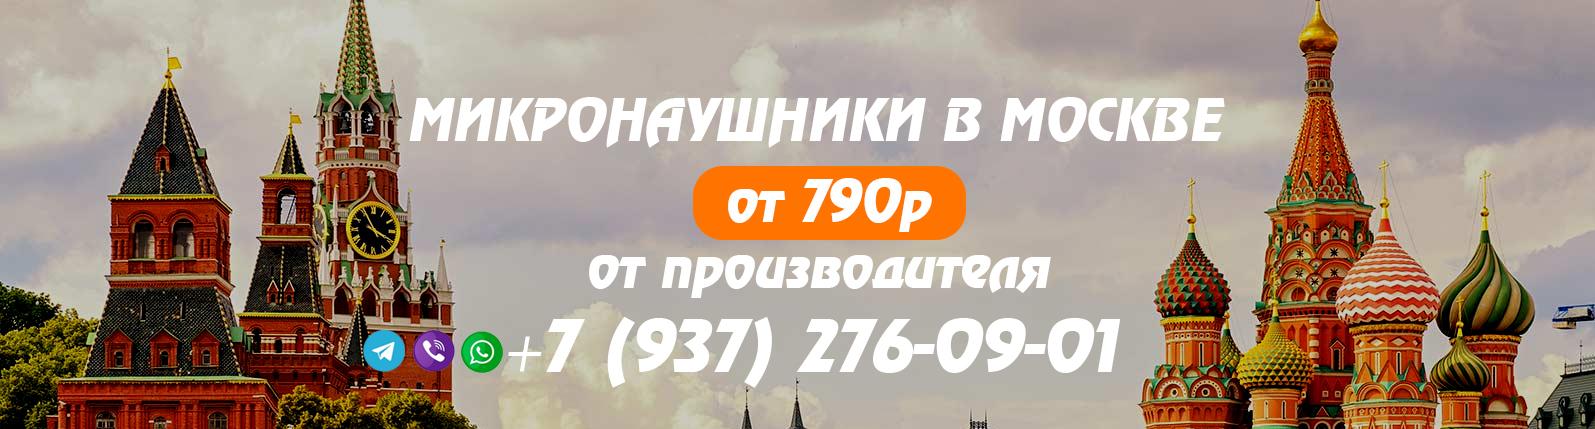 mikronaushniki-moskva